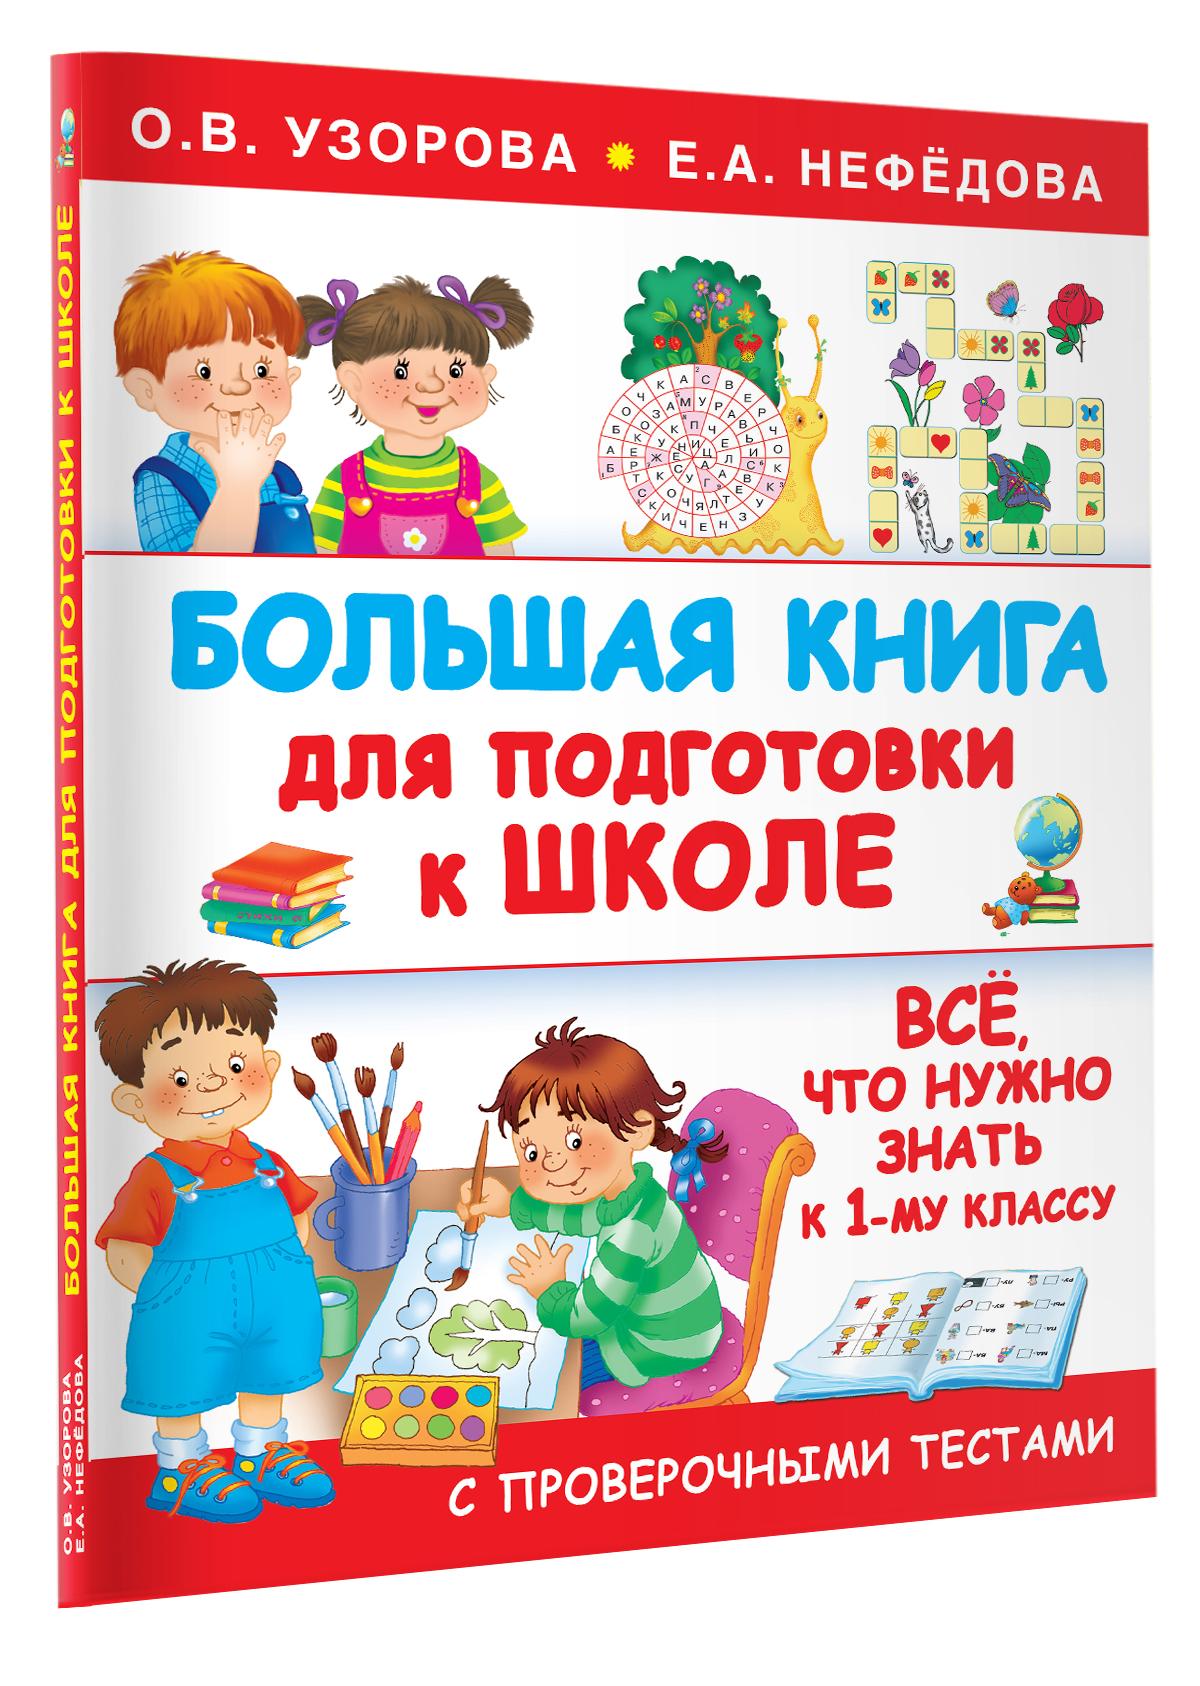 Узорова О.В., Нефедова Е.А. Большая книга для подготовки к школе